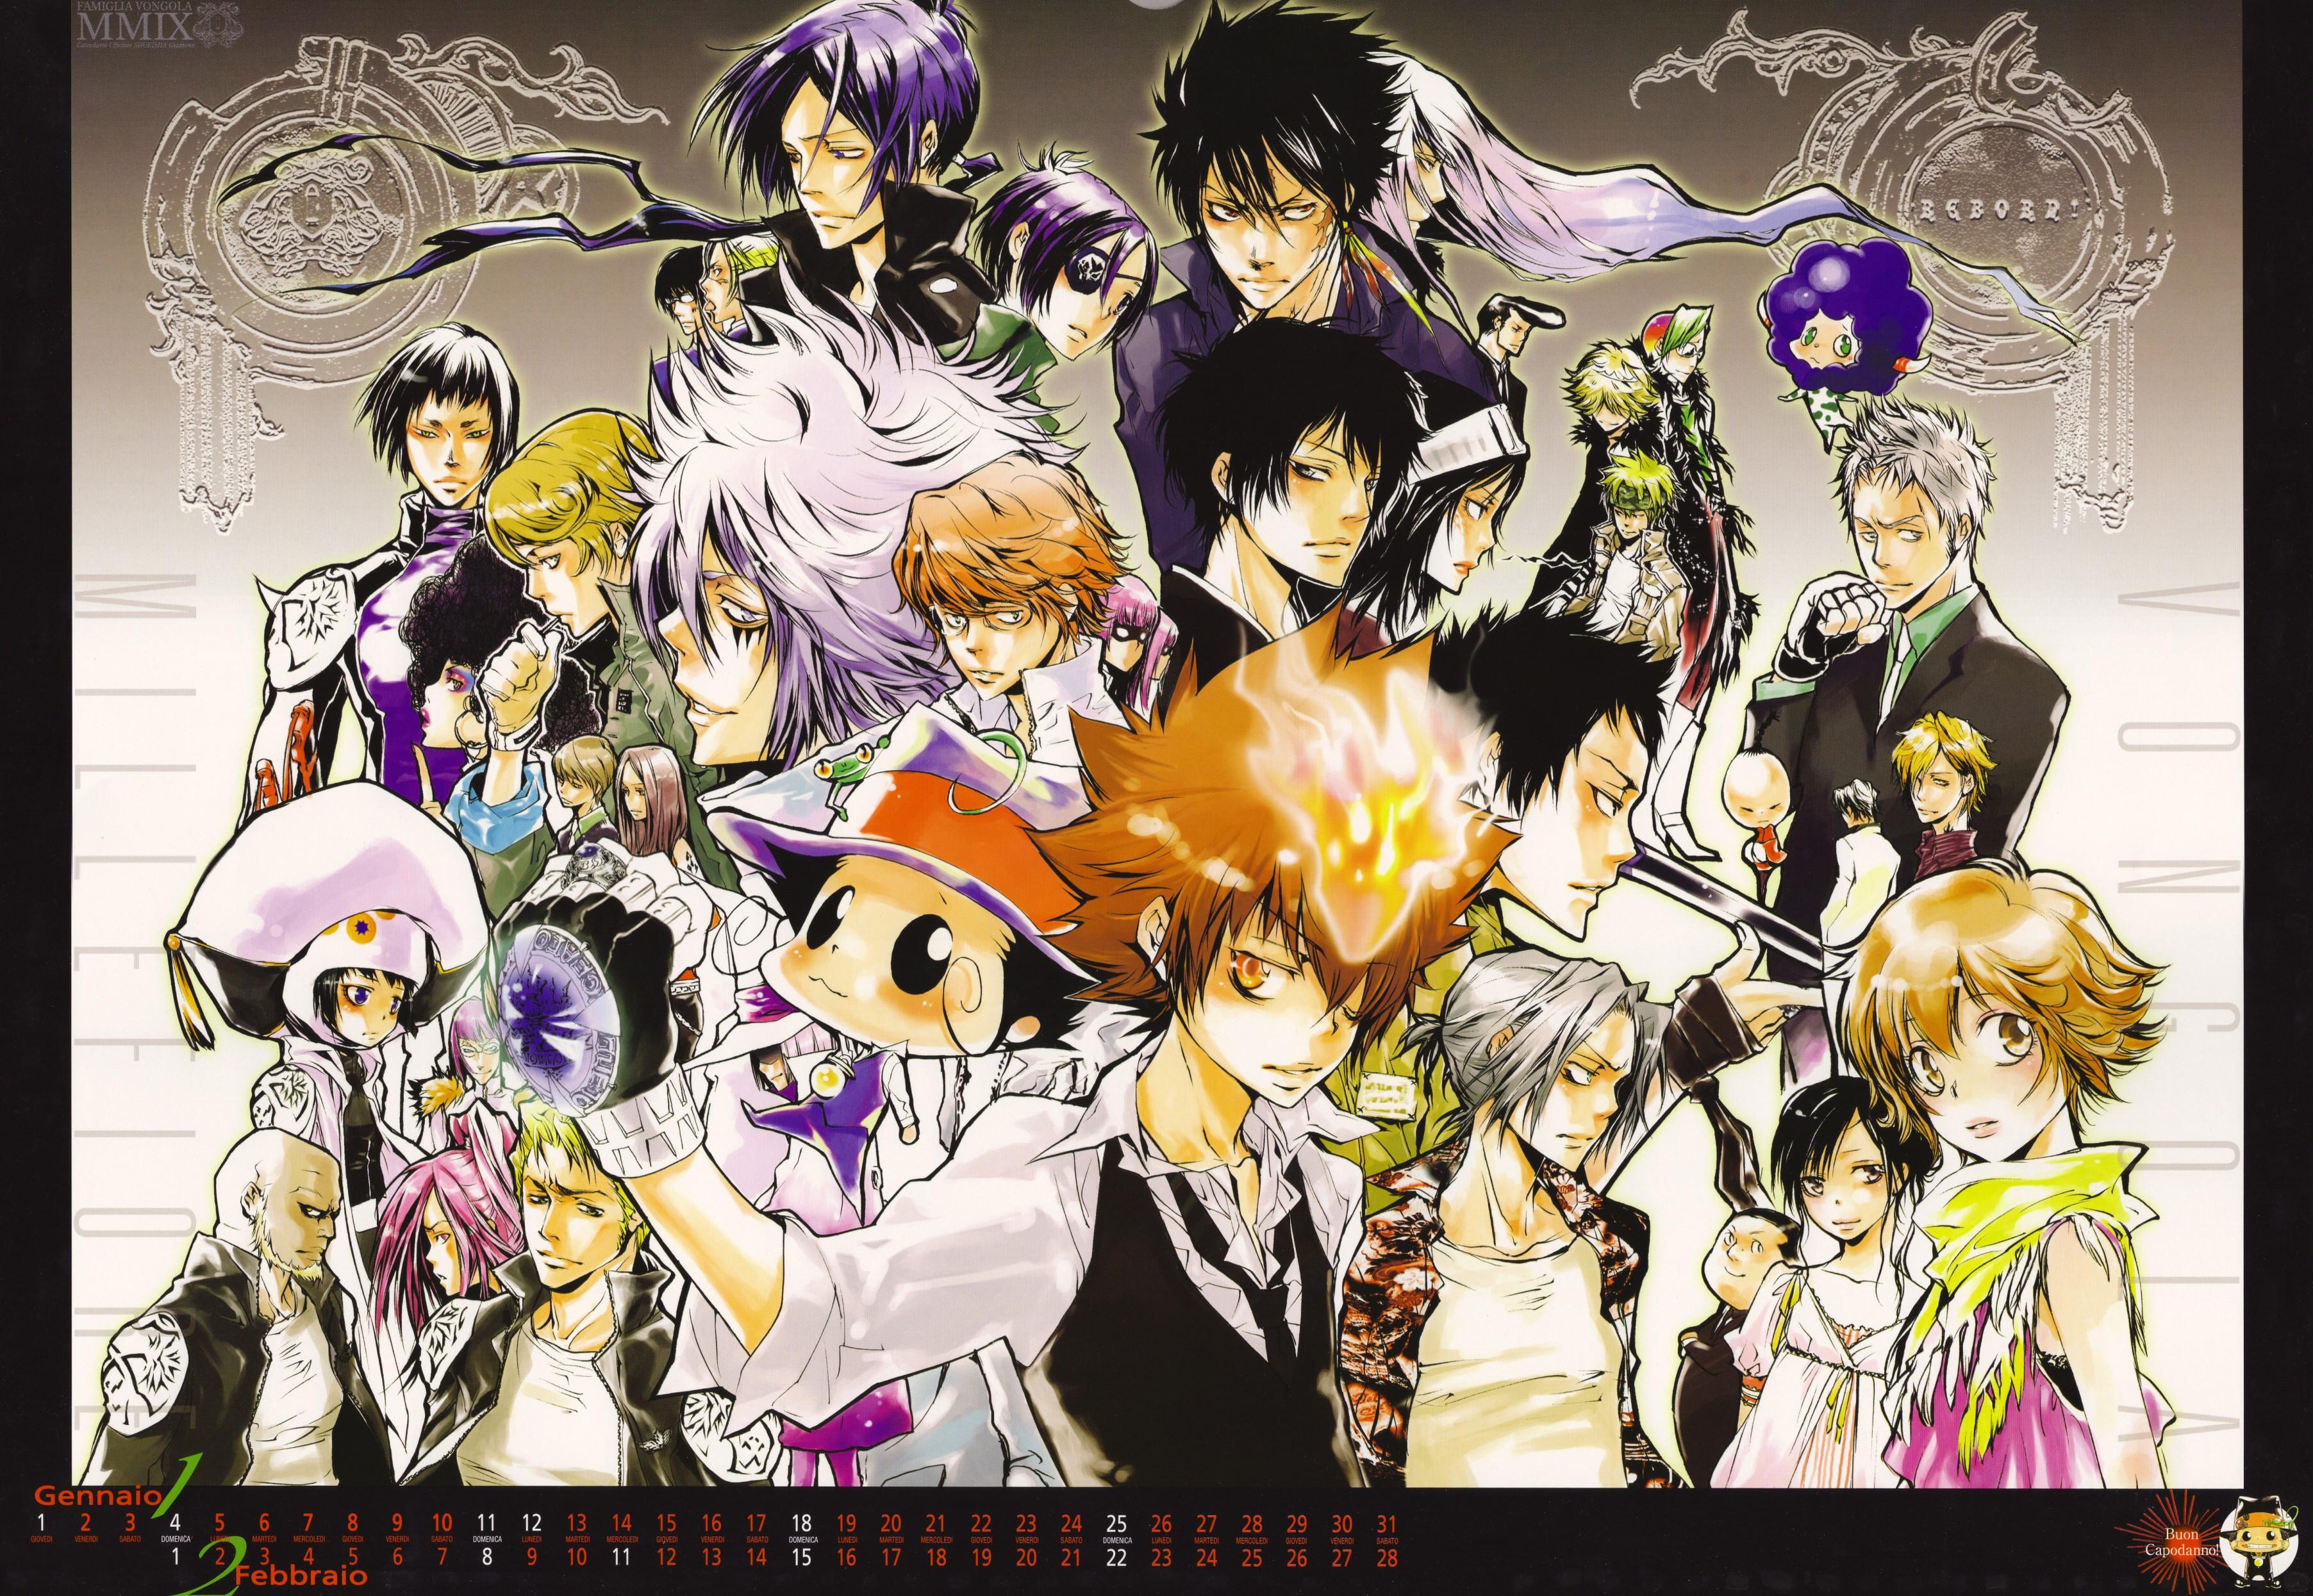 Katekyoshi Hitman Reborn ! (Reborn!) 305312